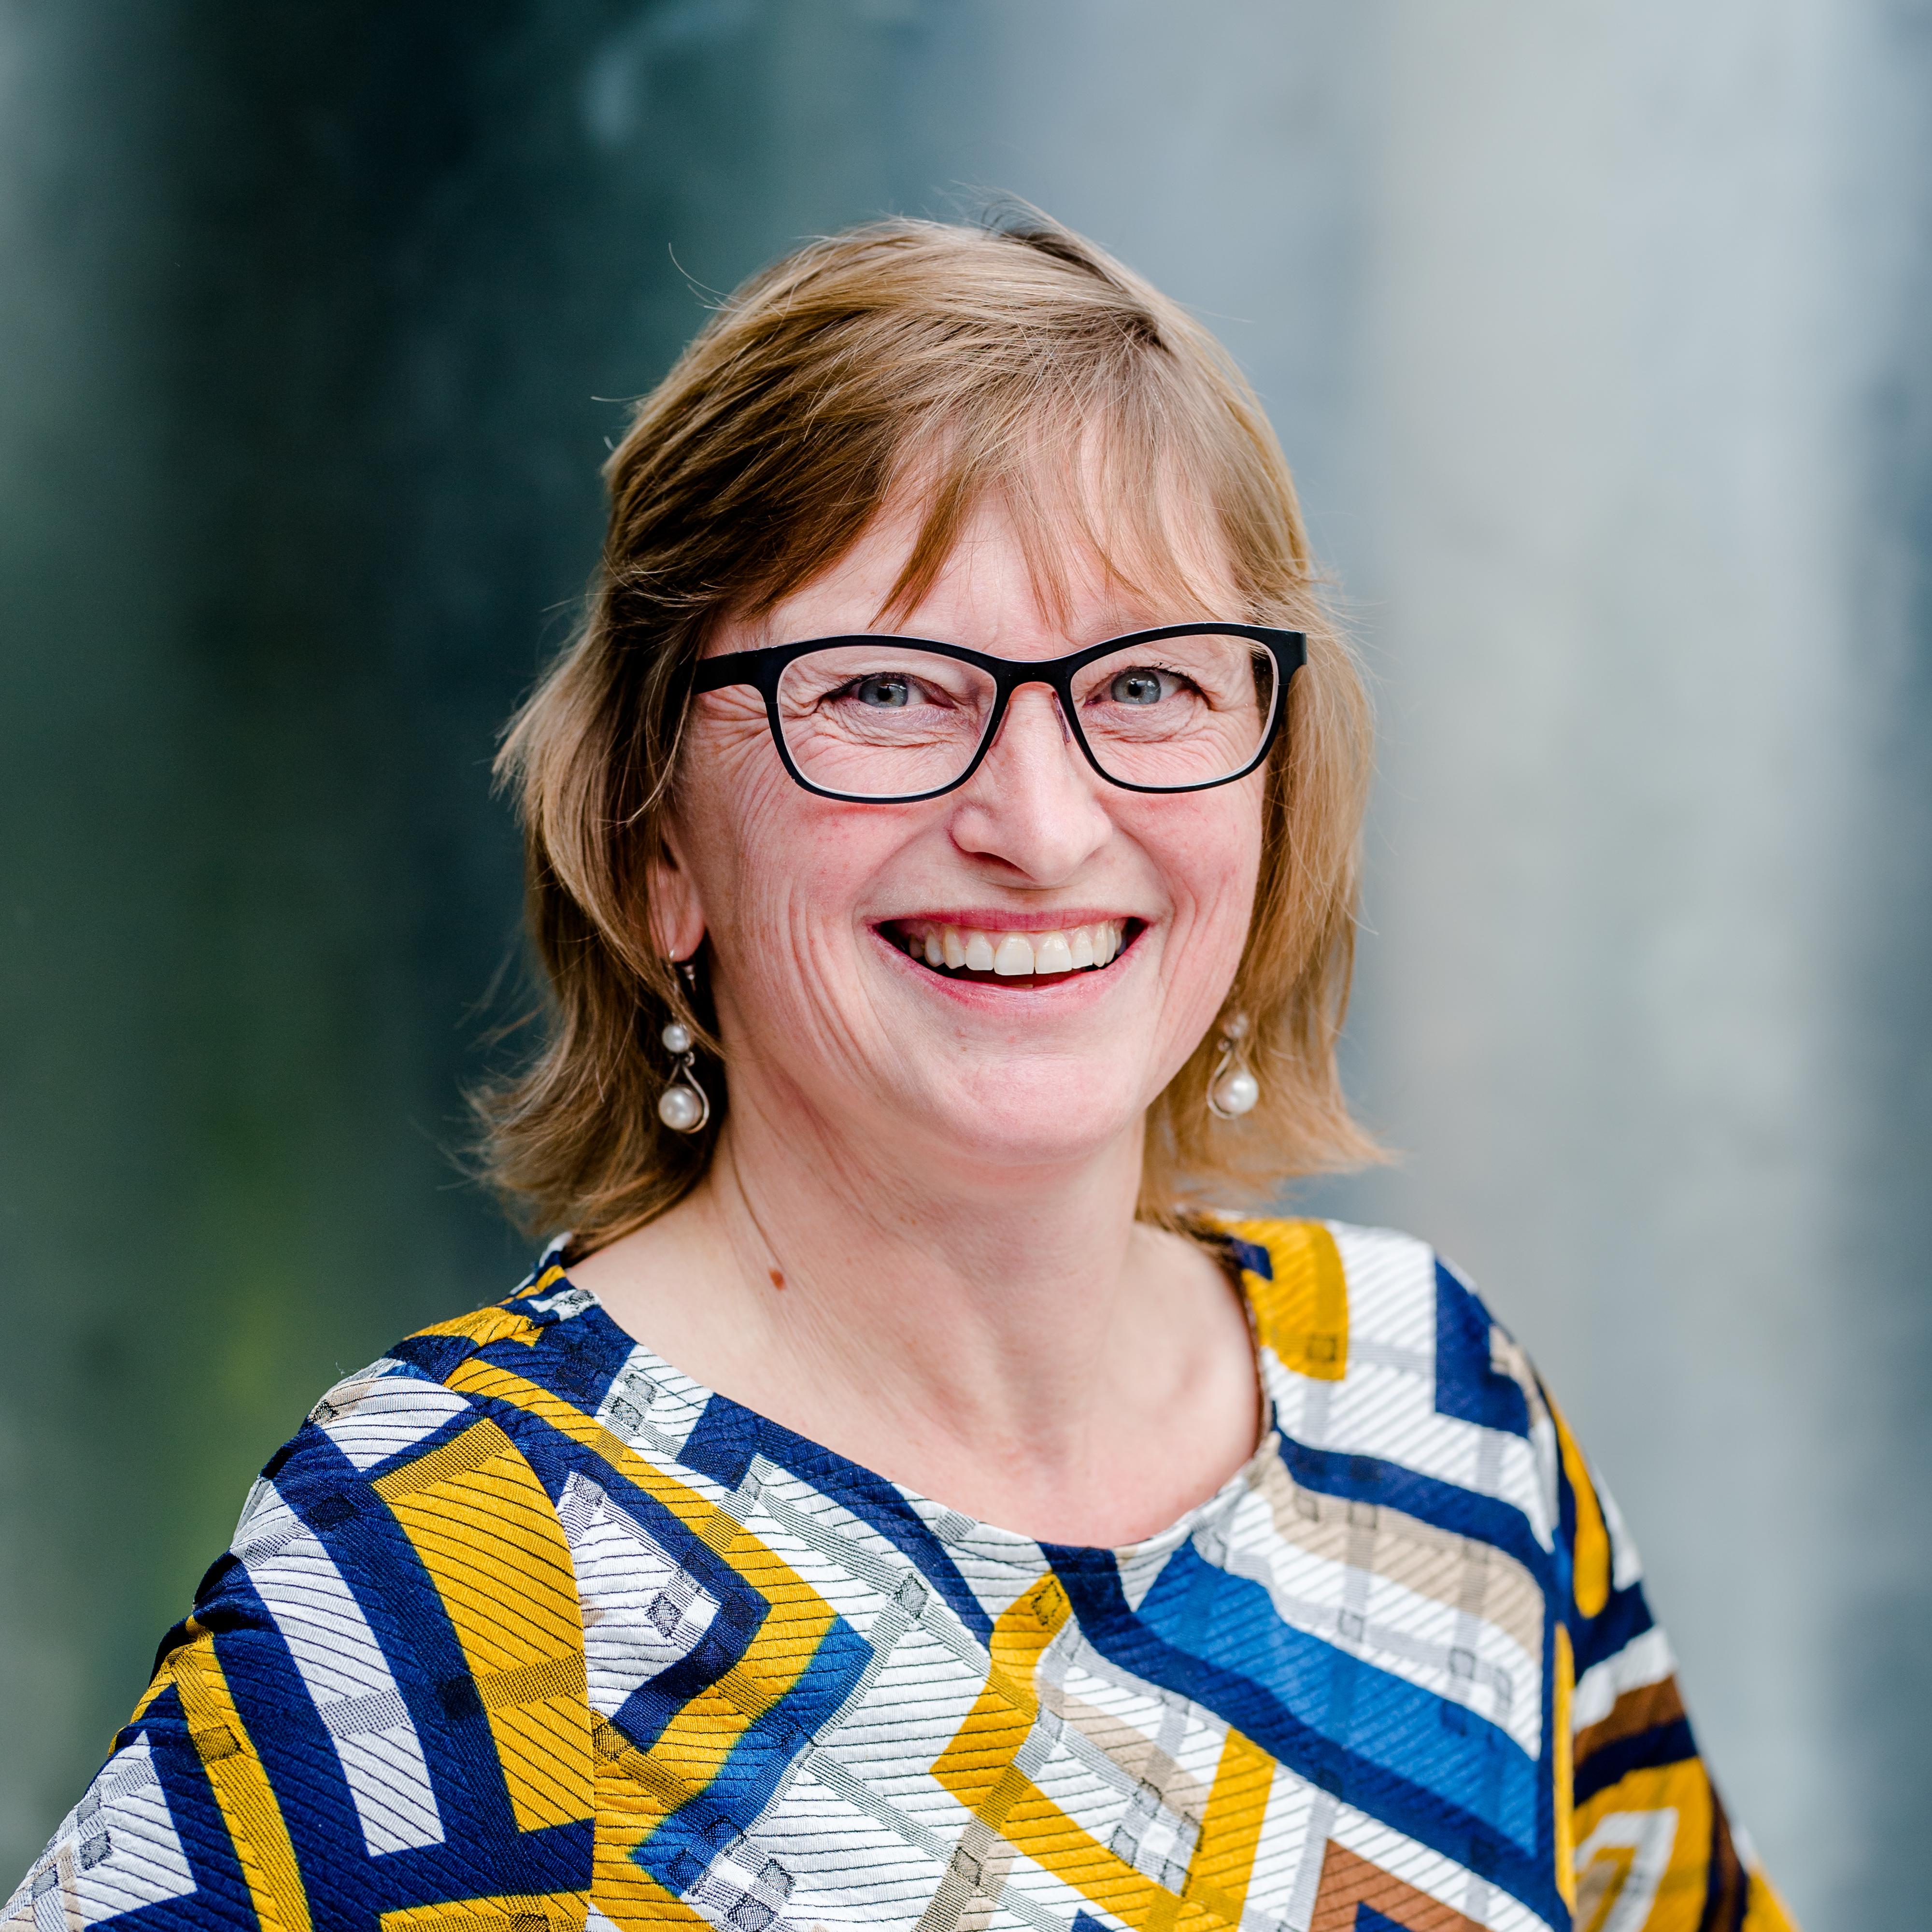 Jeanneke Bruning